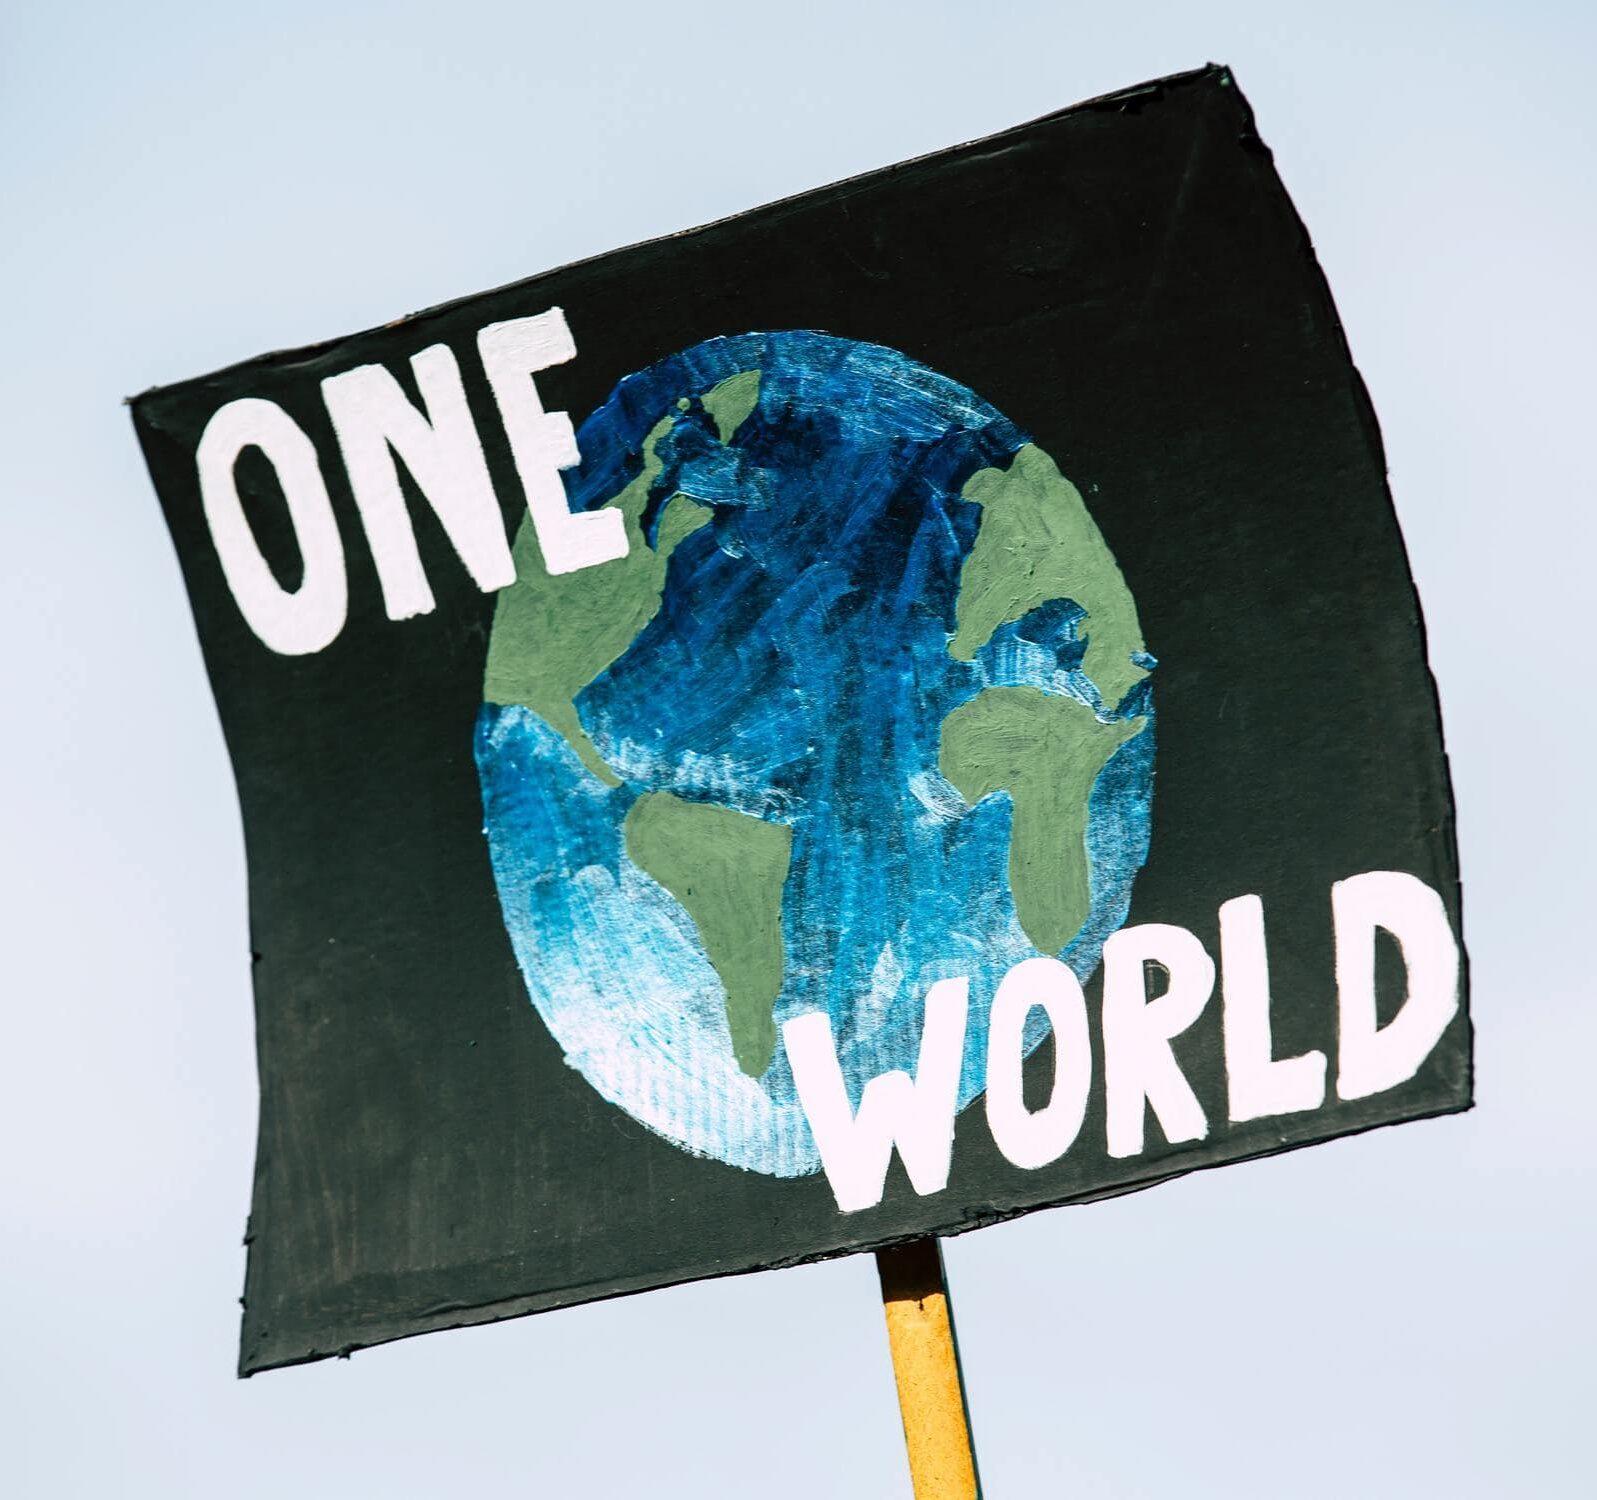 Ein Planet Erde: Zum Glück gibt es mittlerweile HTLs mit Schwerpunkt Umwelttechnik